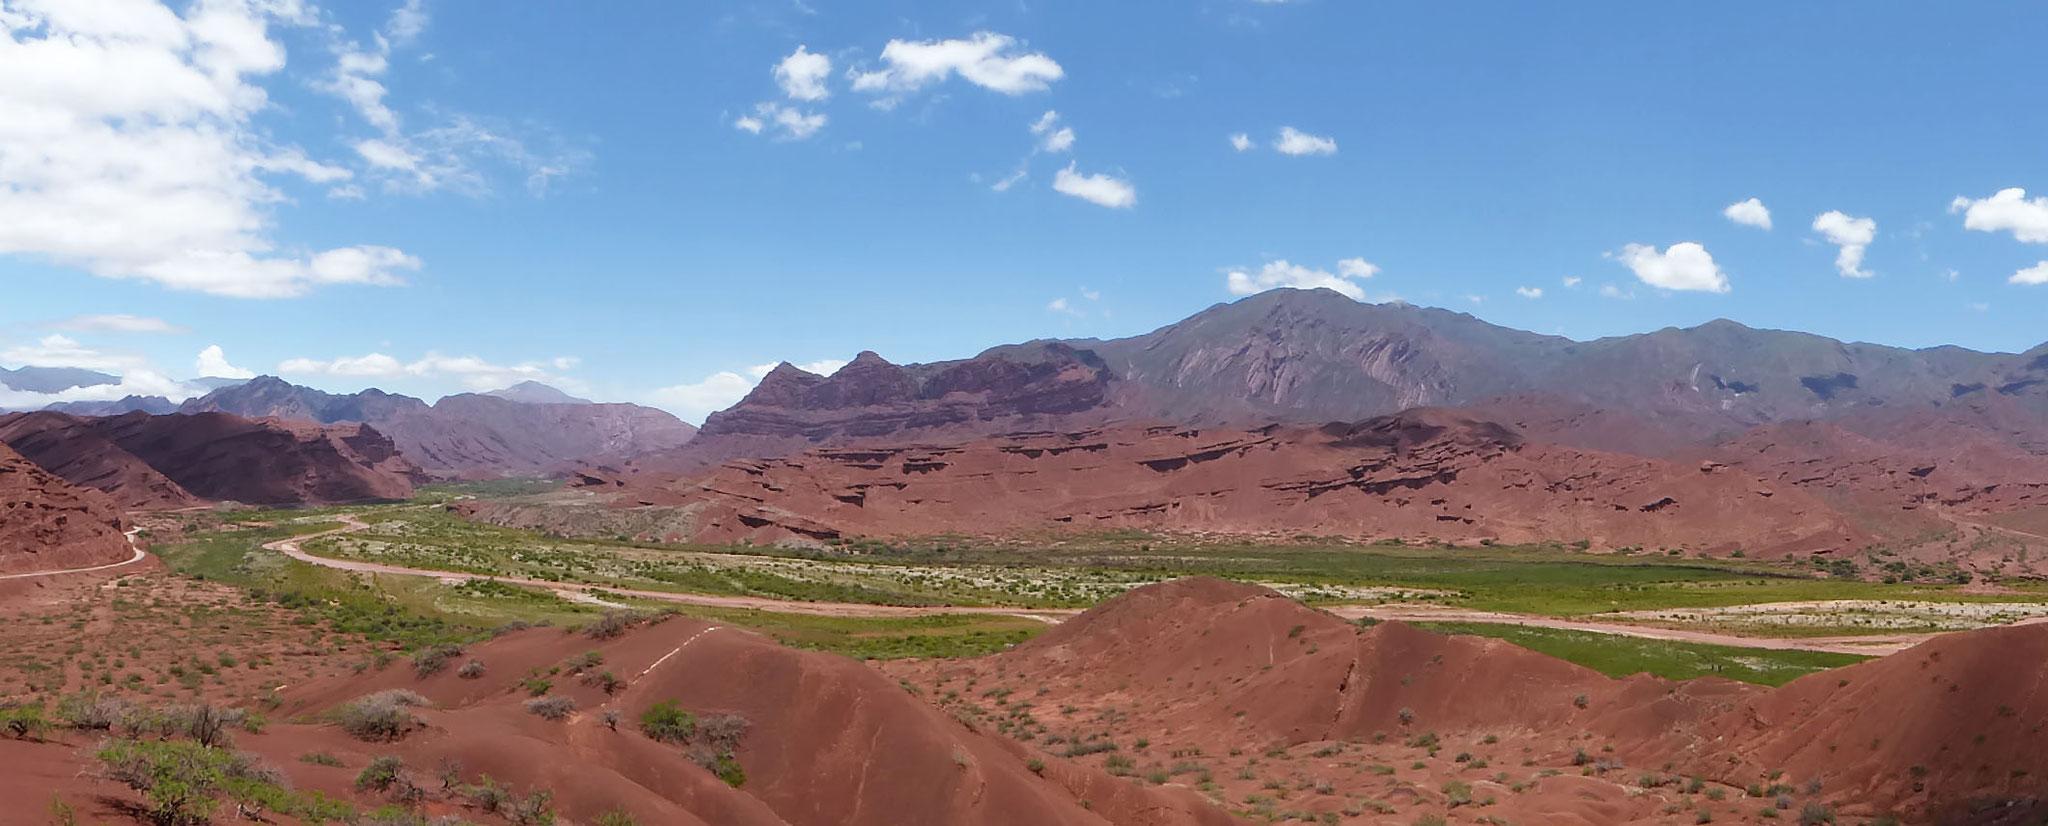 Quebrada de las Conchas, très beau panorama depuis le mirador de los Tres Cruces